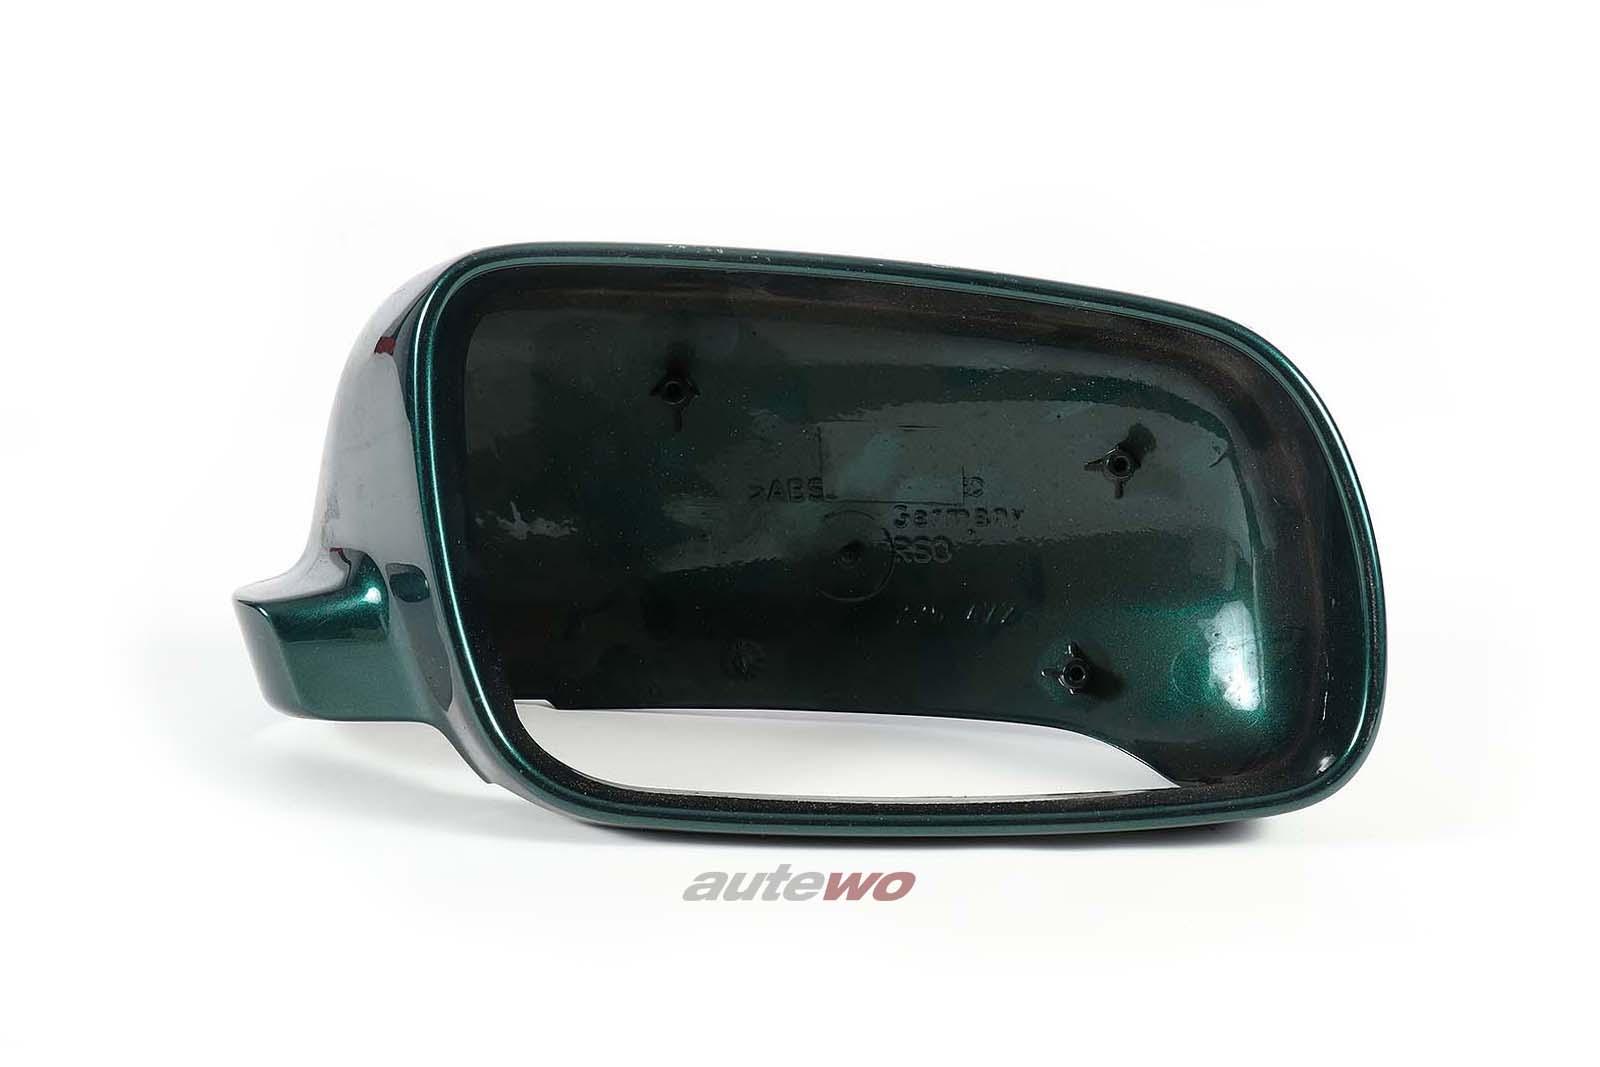 4A0857508 Audi A3/A4/A6/A8 Abdeckkappe großer Außenspiegel Rechts grün